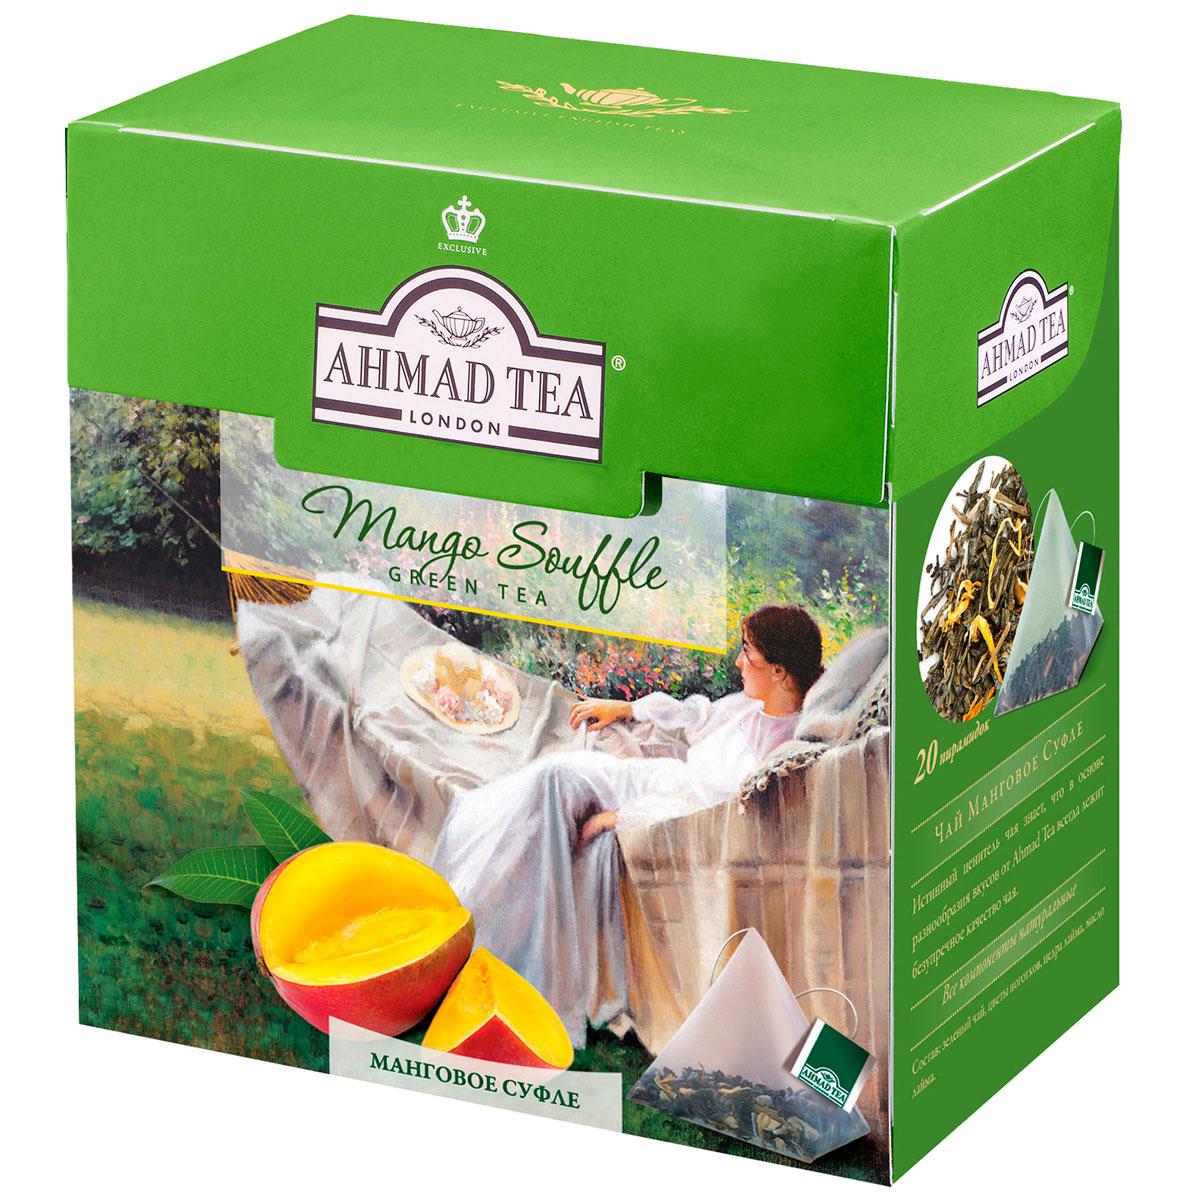 Ahmad Tea Mango Souffle зеленый чай в пирамидках, 20 шт0120710Ahmad Tea Mango Souffle - трио экзотичного манго, утонченного личи и китайского зеленого чая дарят чашечку светло-фисташкового настоя со сбалансированным вкусовым букетом сочной сладости манго, терпкой нотки зеленого чая, дополненных оригинальной кислинкой ягоды личи в послевкусии.Заваривать 4-6 минут, температура воды 90°С.